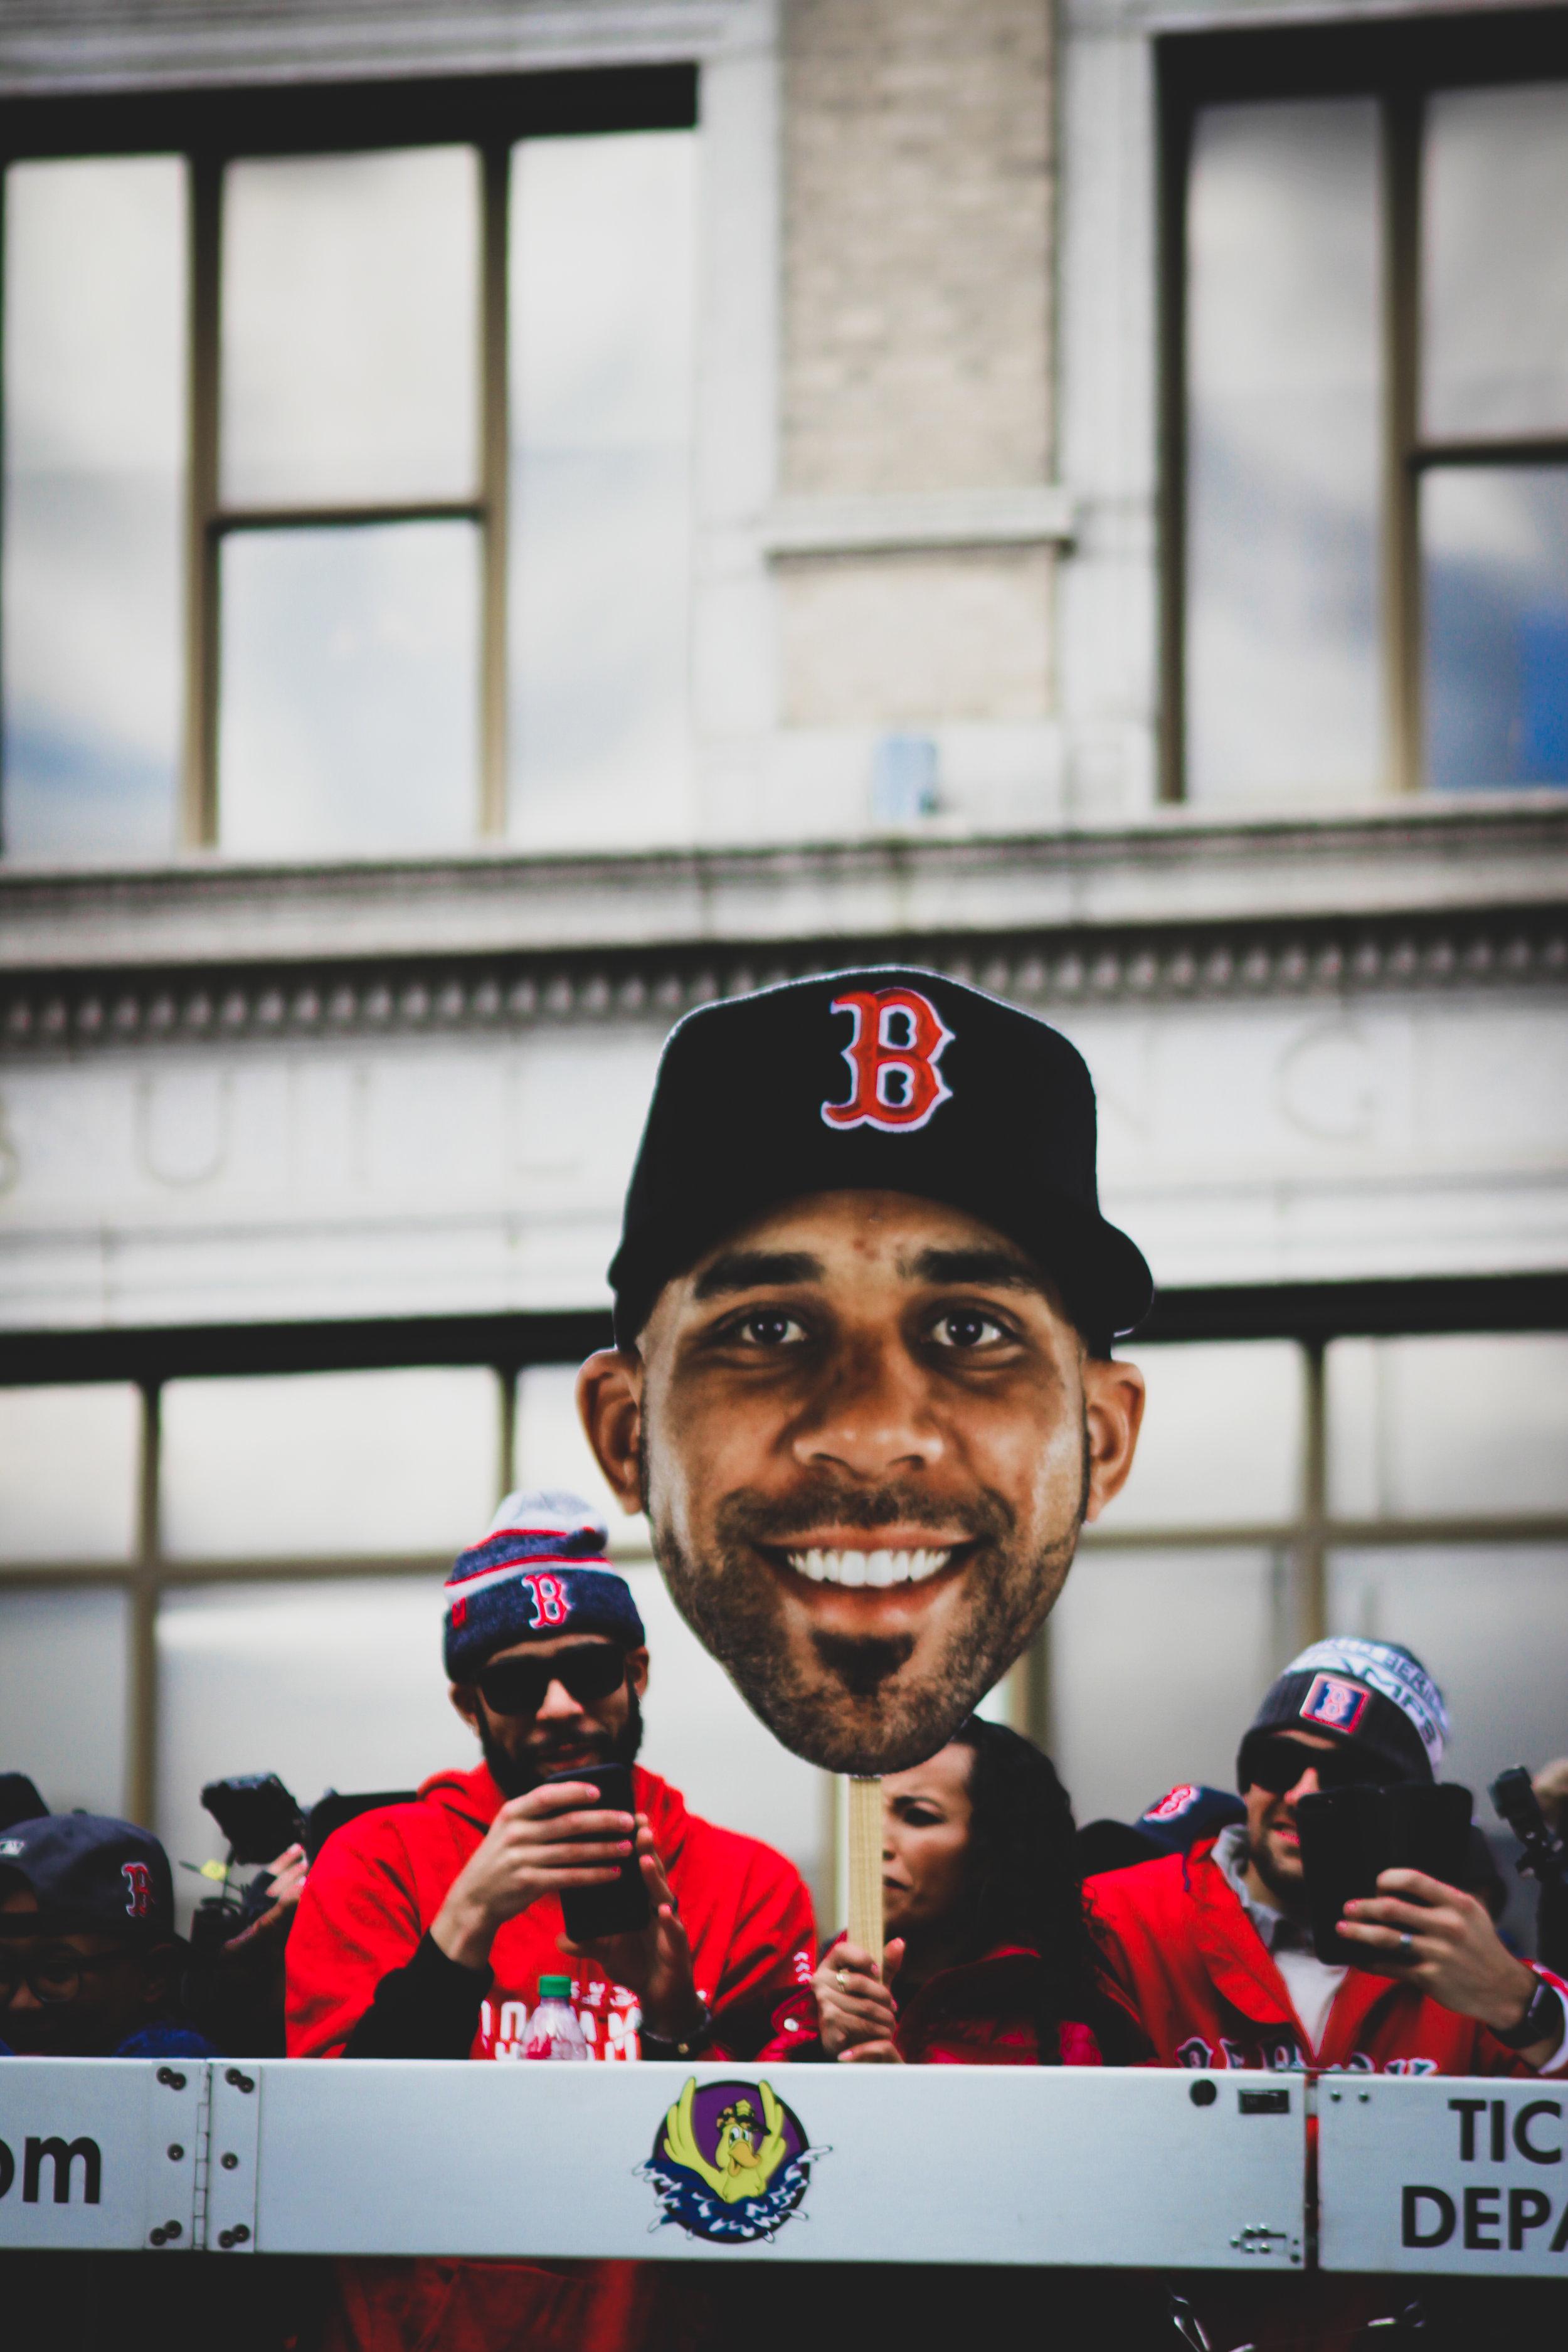 Red Sox Parade TWG-17.jpg